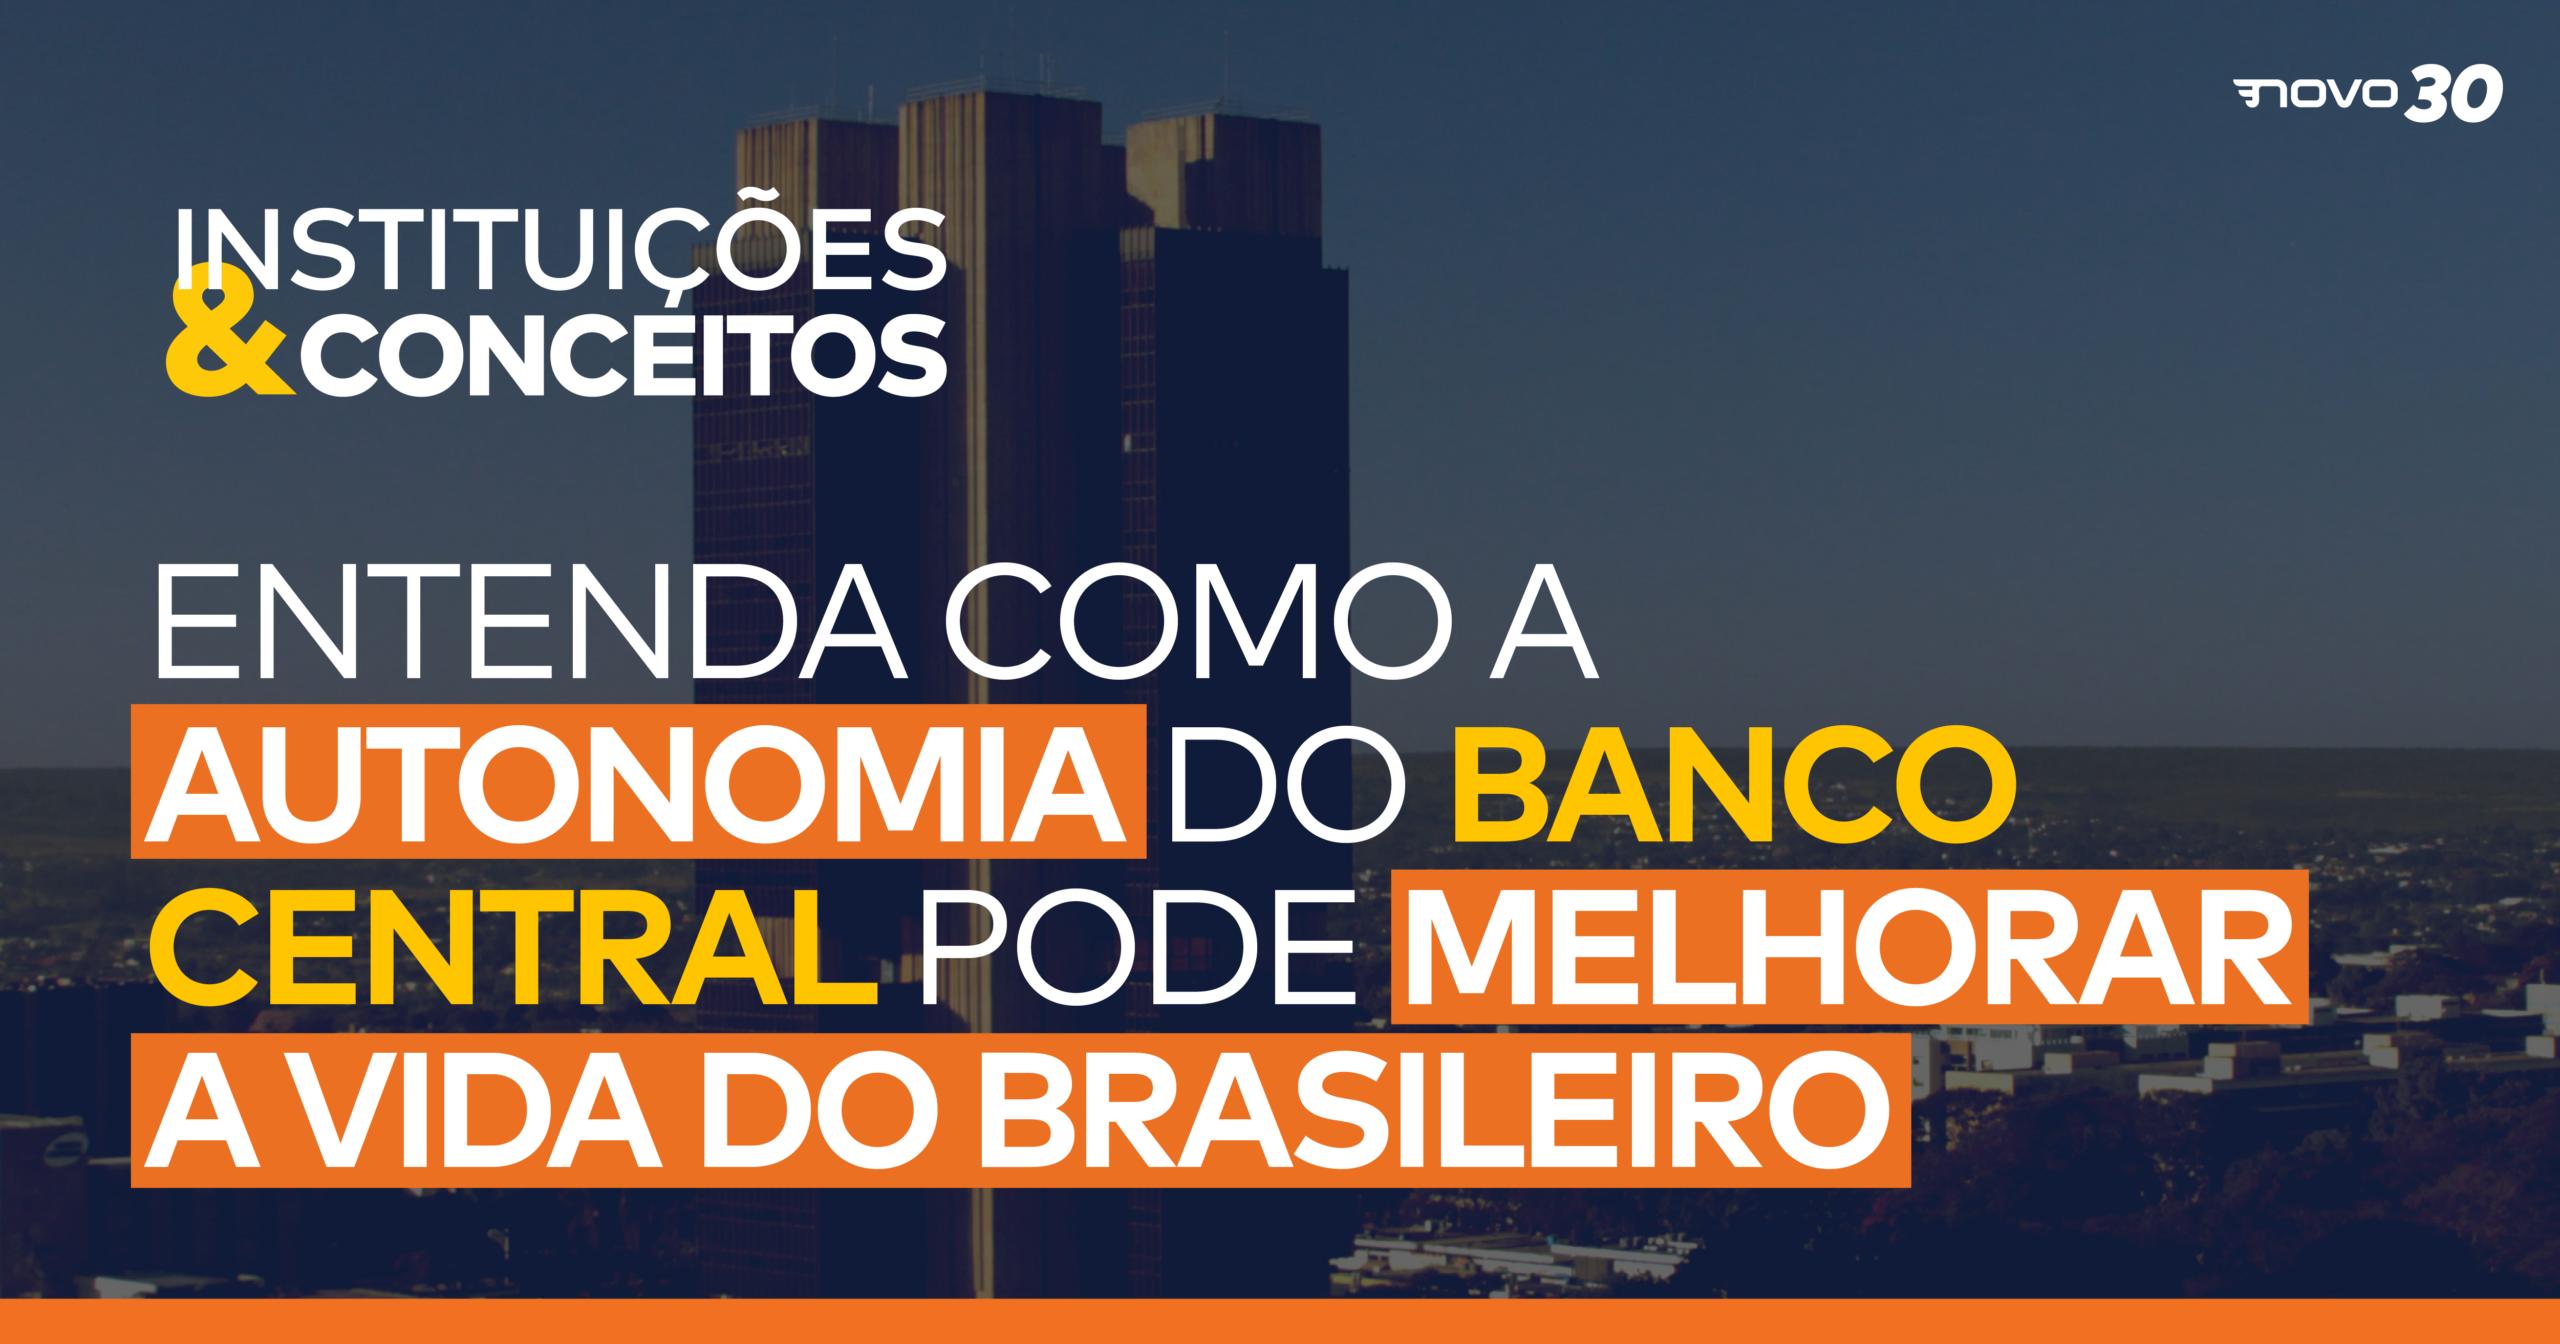 Entenda como a autonomia do Banco Central pode melhorar a vida do brasileiro